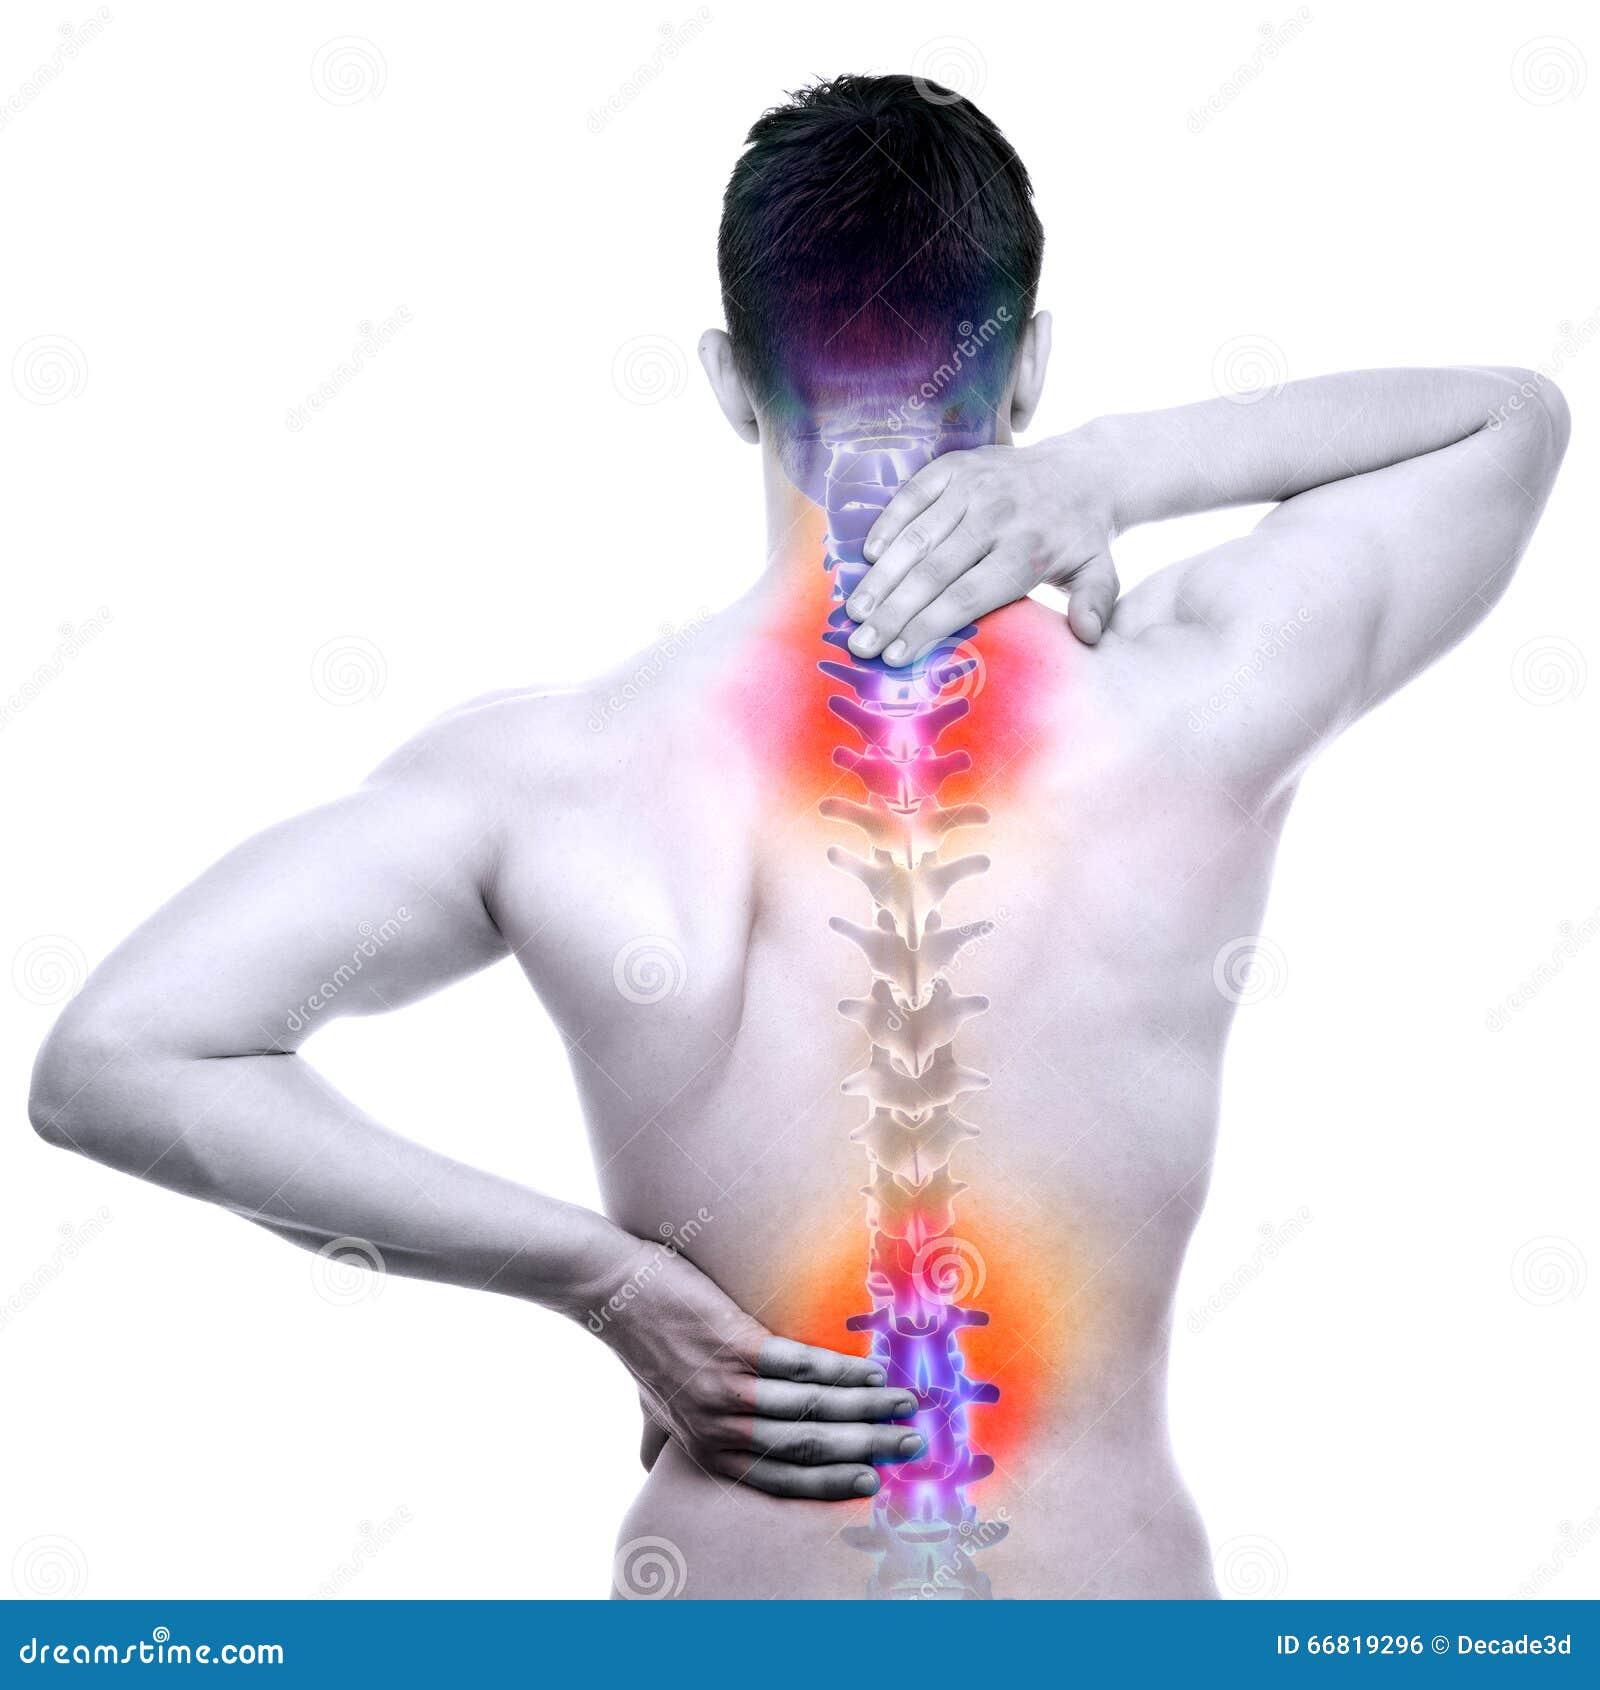 Dor da ESPINHA - espinha dorsal ferido do homem isolada no branco - anatomia REAL